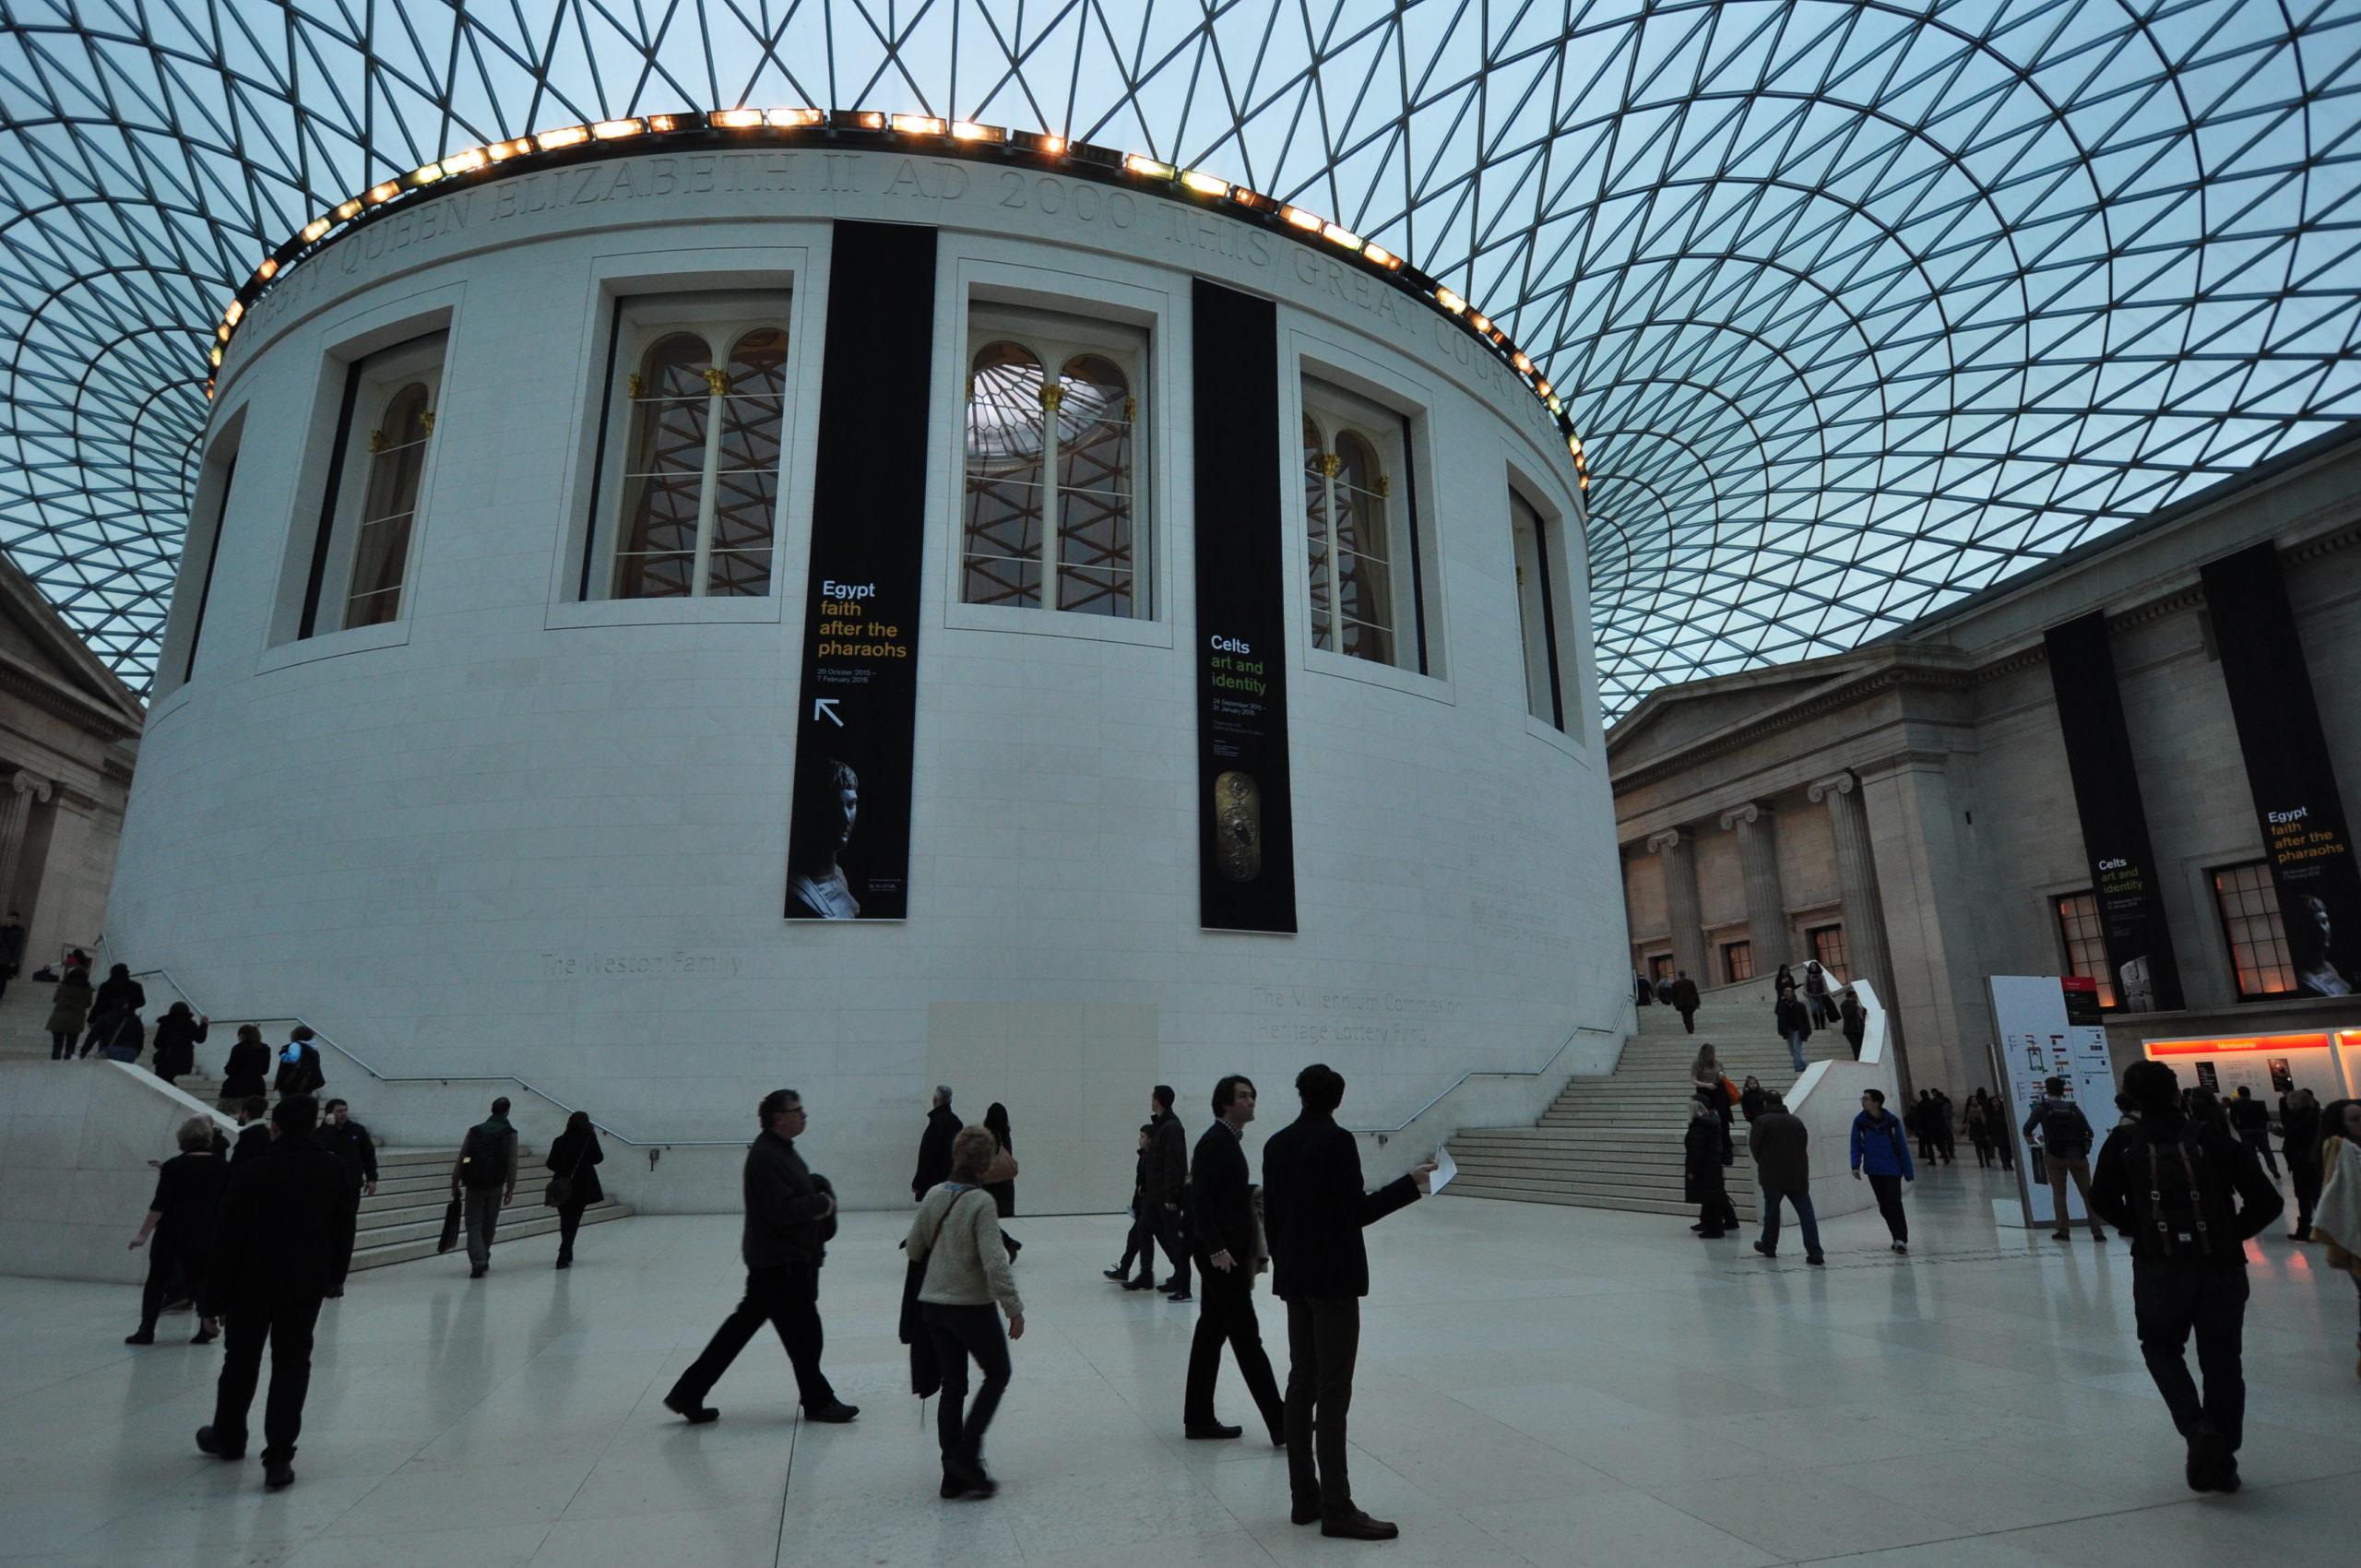 Sesja zdjęciowa w muzeum? Uważaj na ograniczenia!